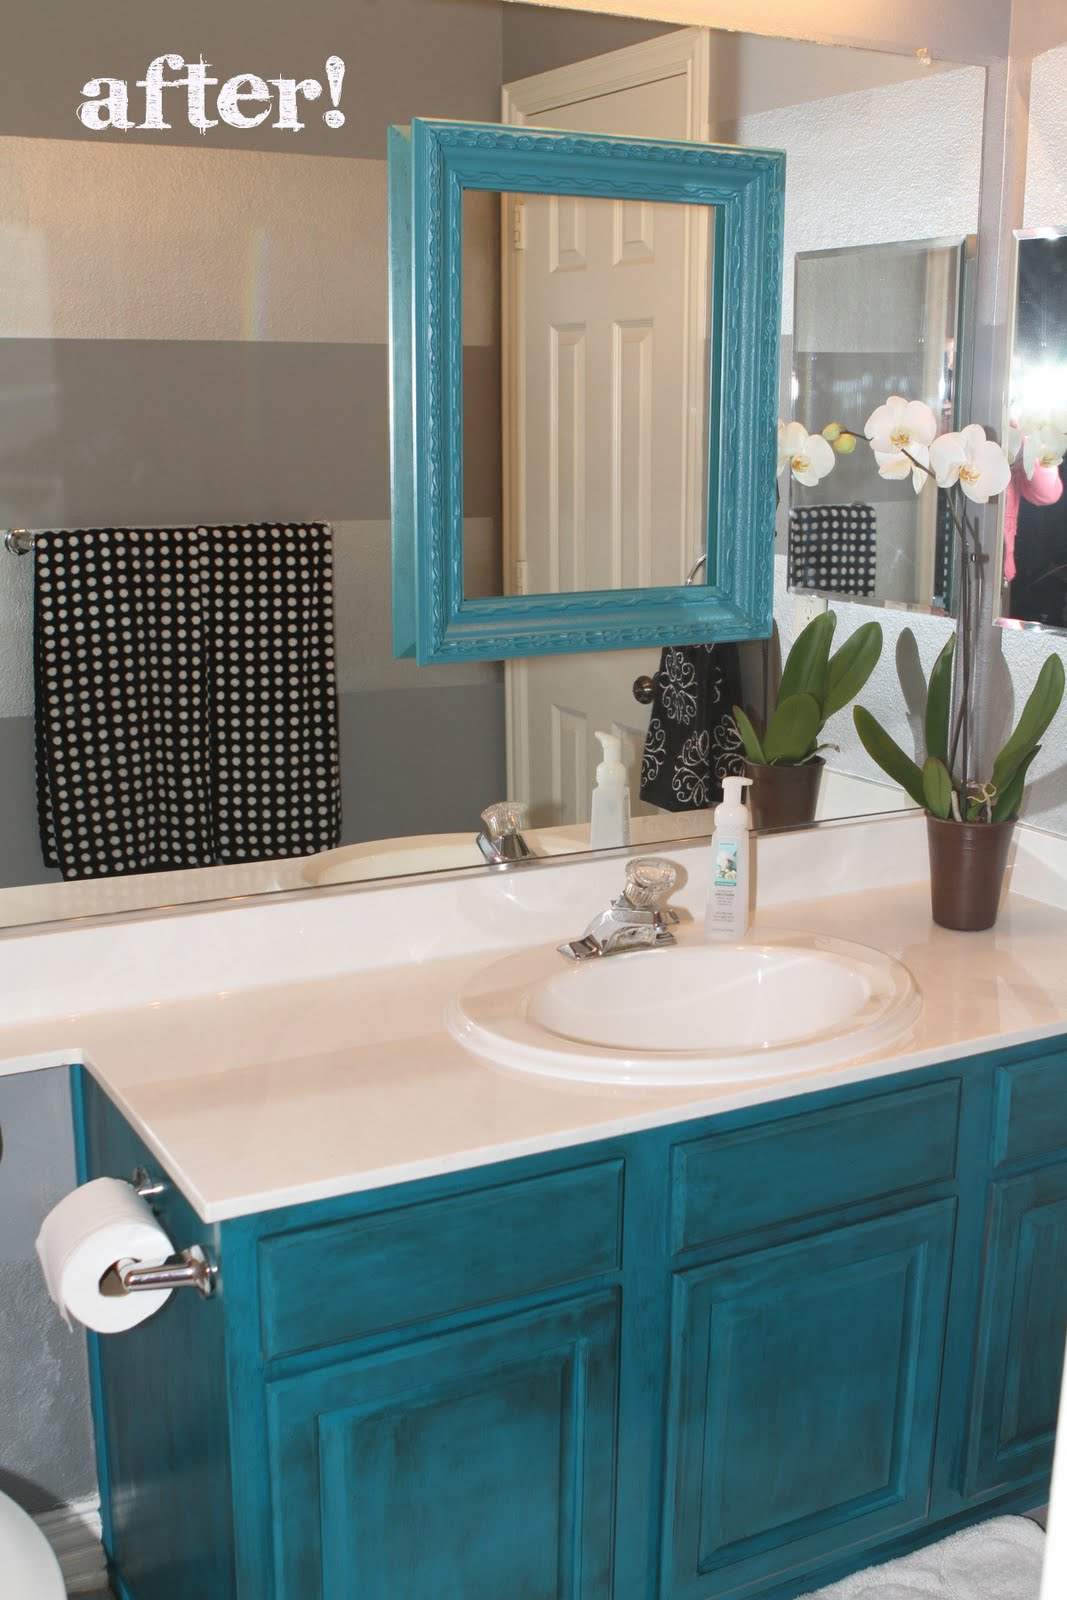 Antes y despu s de pintar el mueble de turquesa - Pintar mueble bano ...